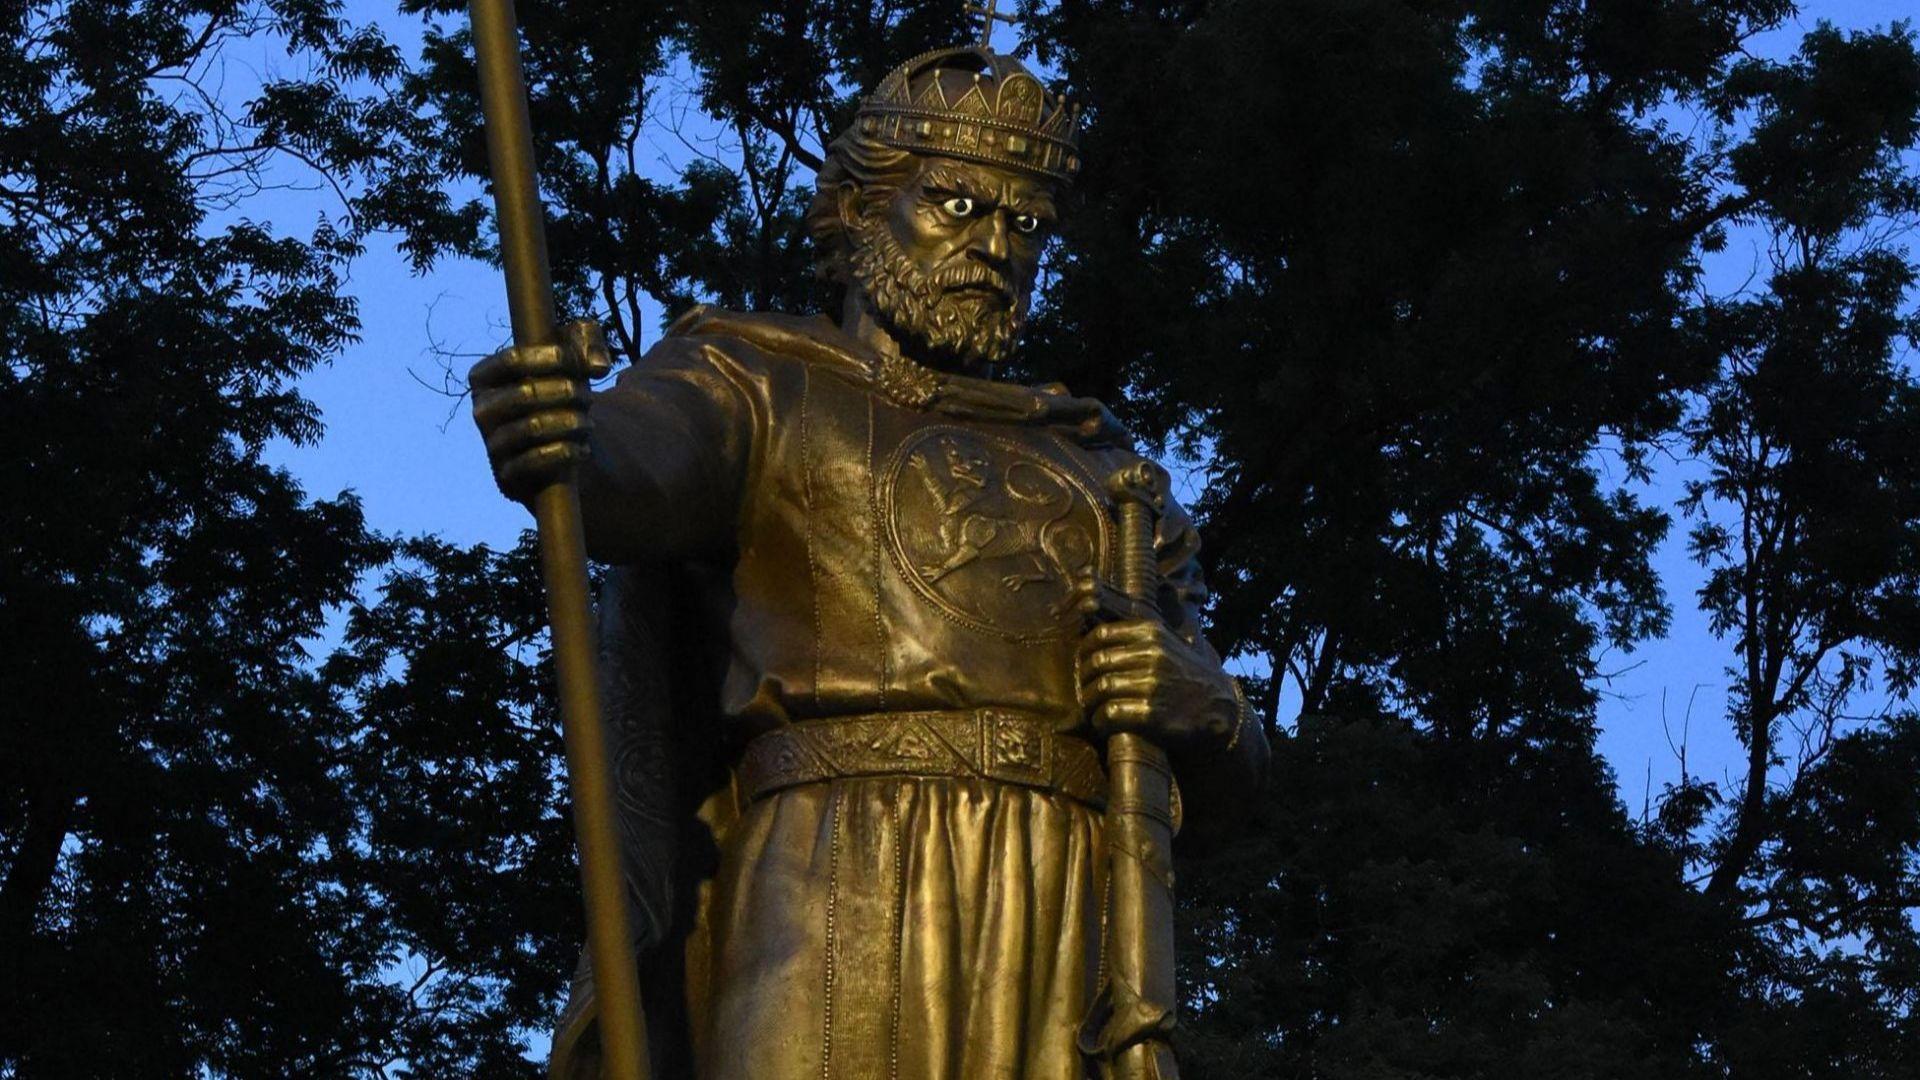 От Македония признаха: Цар Самуил представлява Българското царство